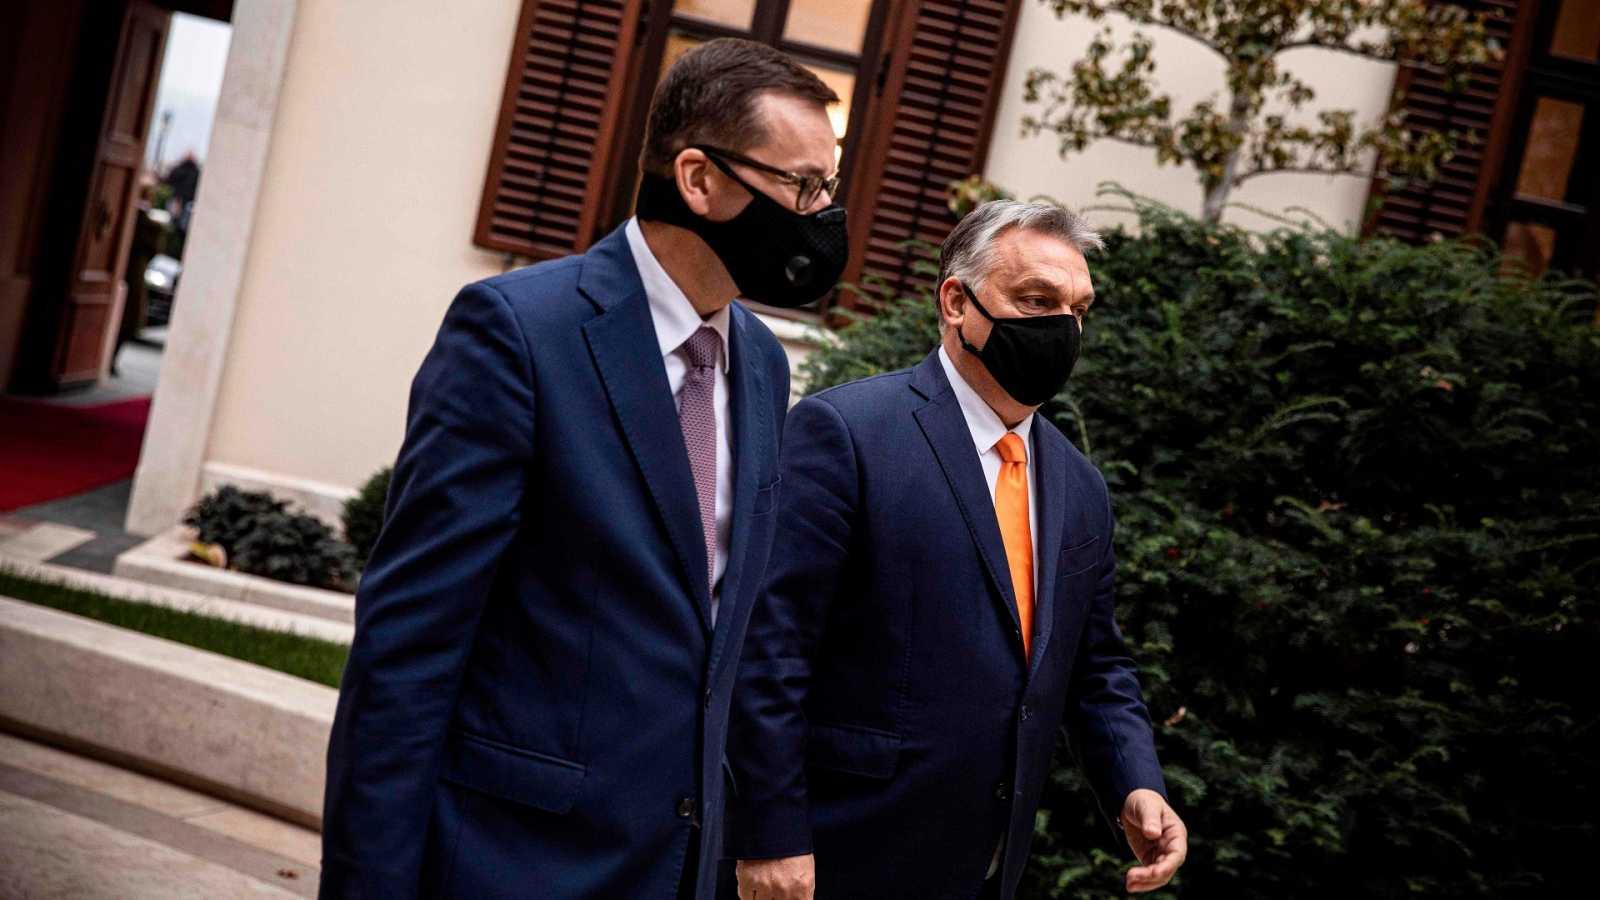 El primer ministro polaco, Mateusz Morawieck, y su homólogo húngaro, Viktor Orbán, este jueves en Budapest